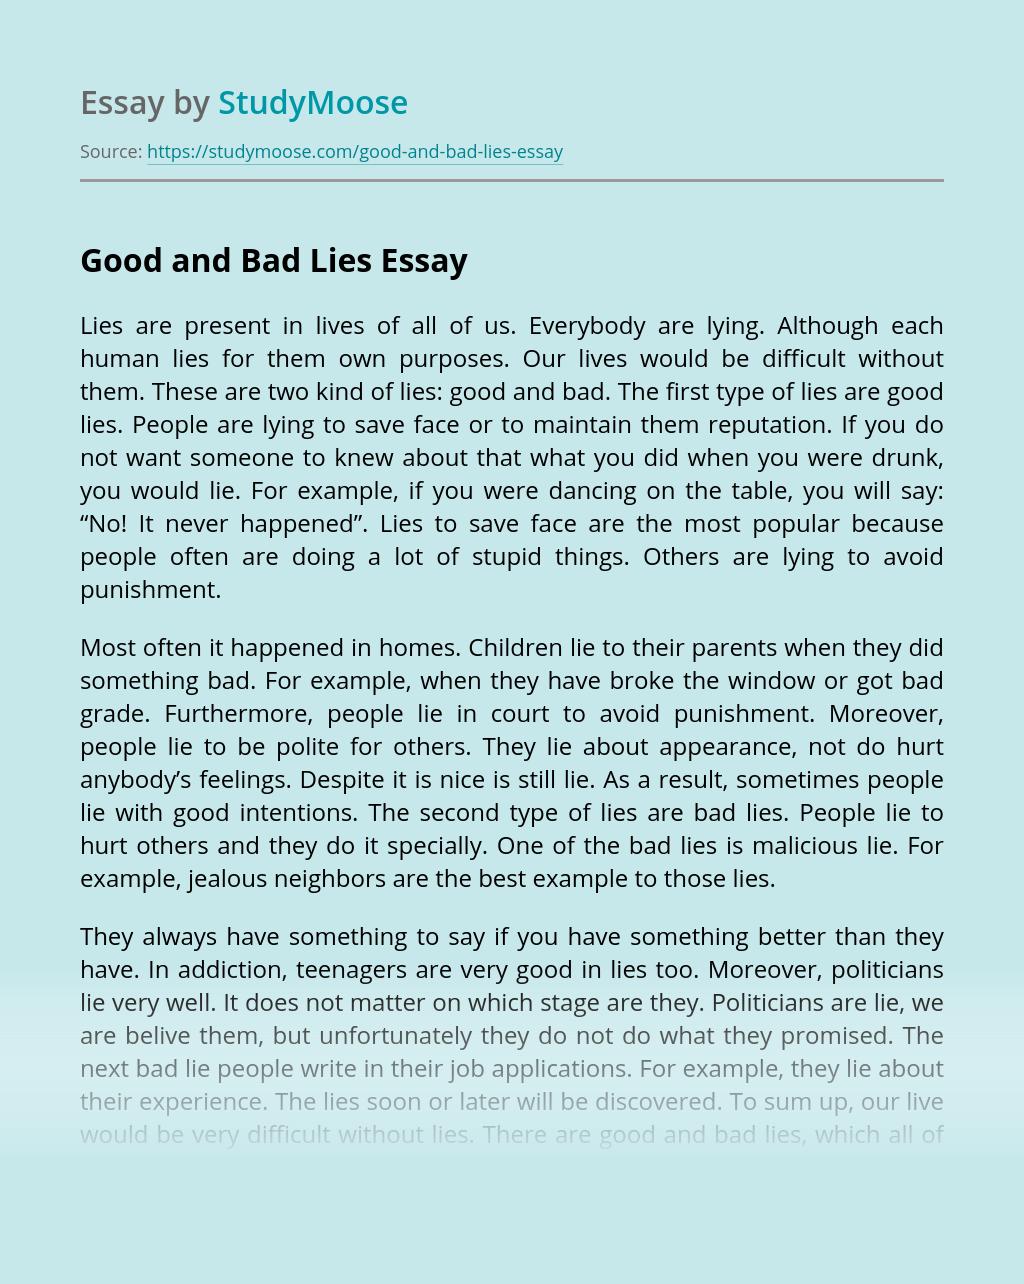 Good and Bad Lies